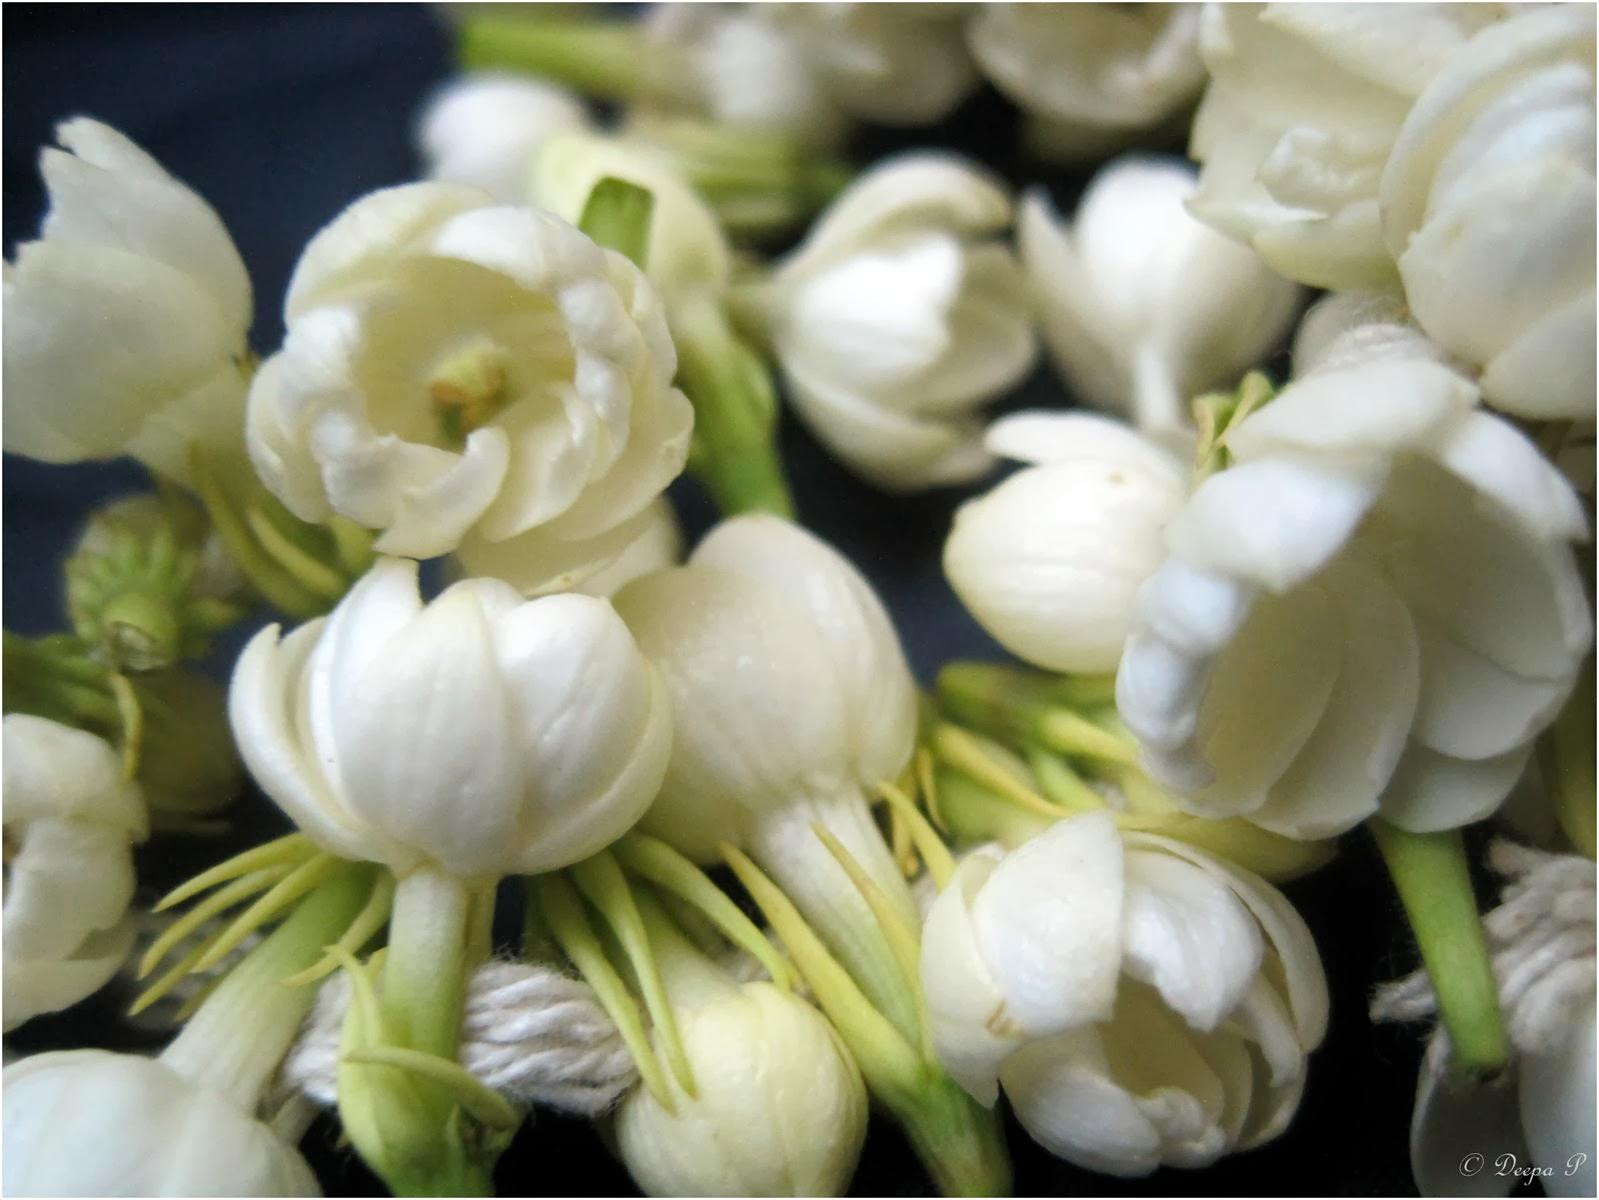 A to Z Challenge - J- Jasminum sambac flower (Indian